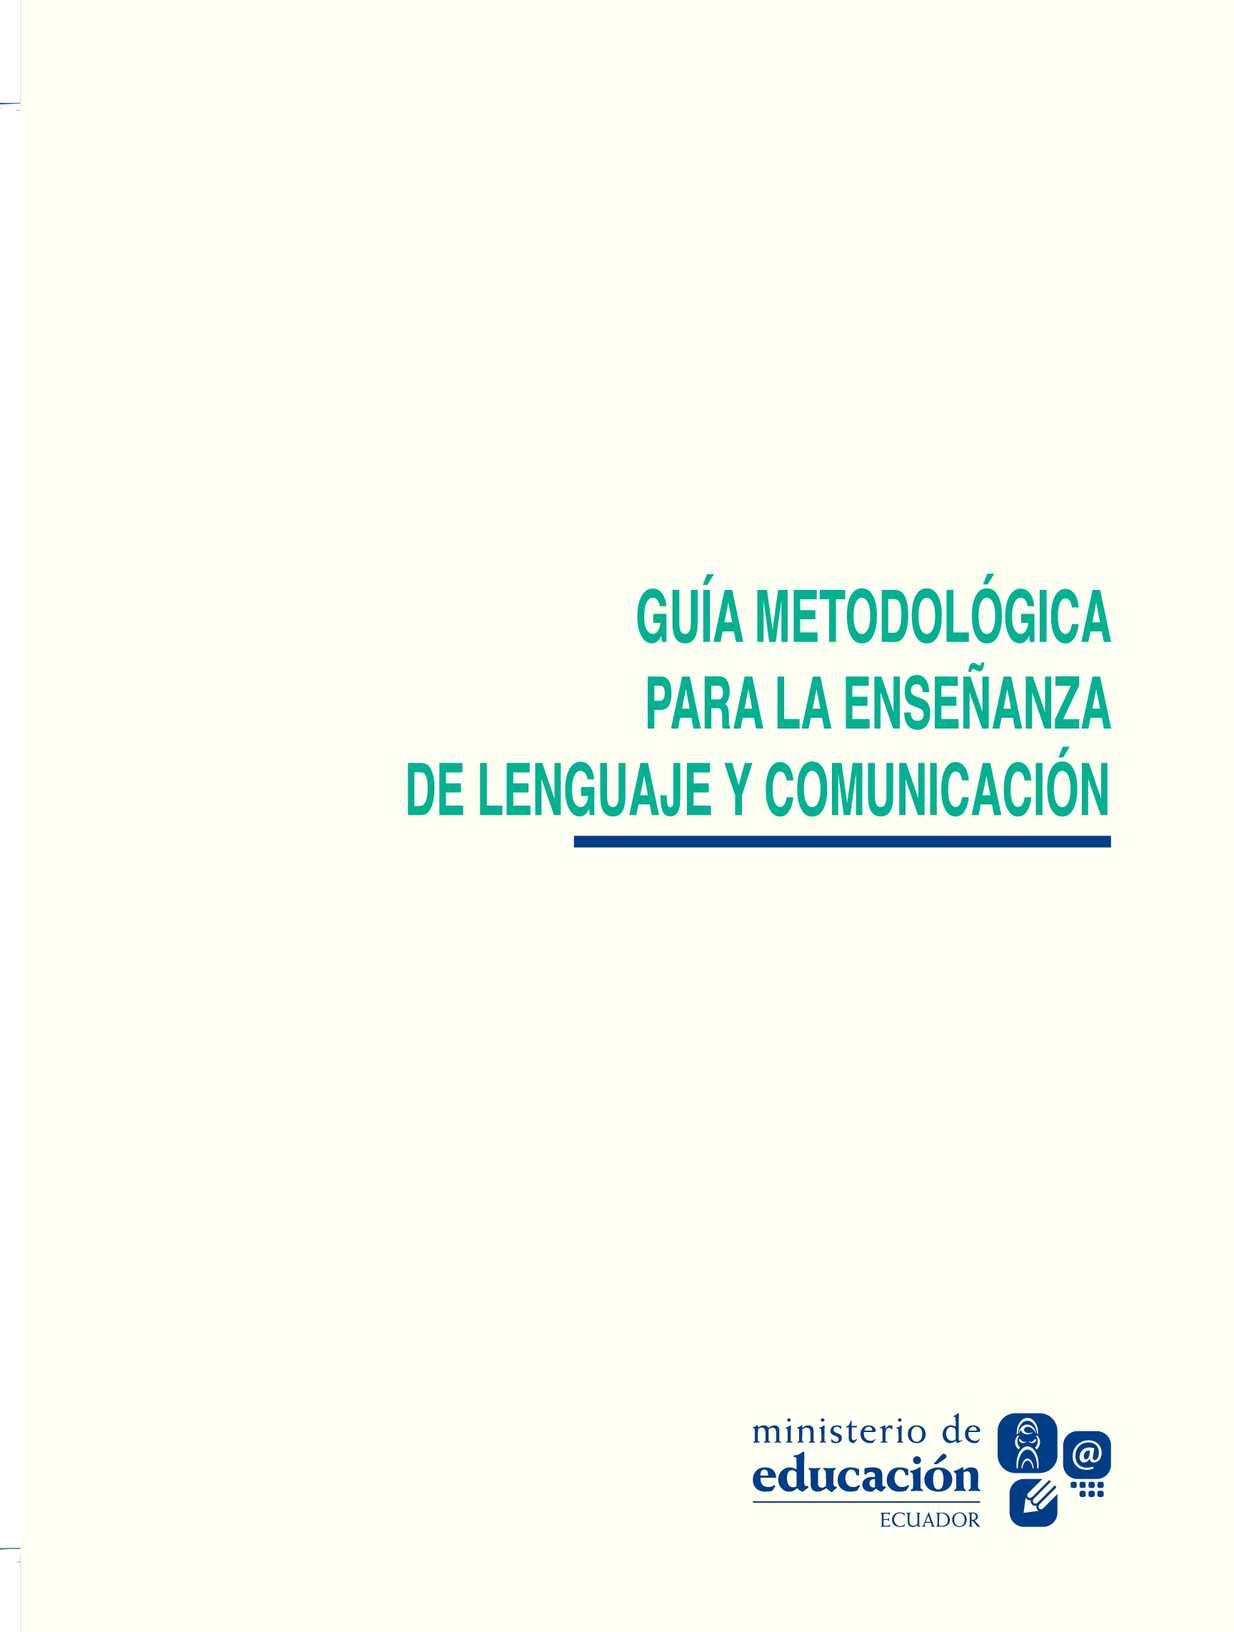 guia metodologica para la enseñanza de lengua y comunicacion.pdf